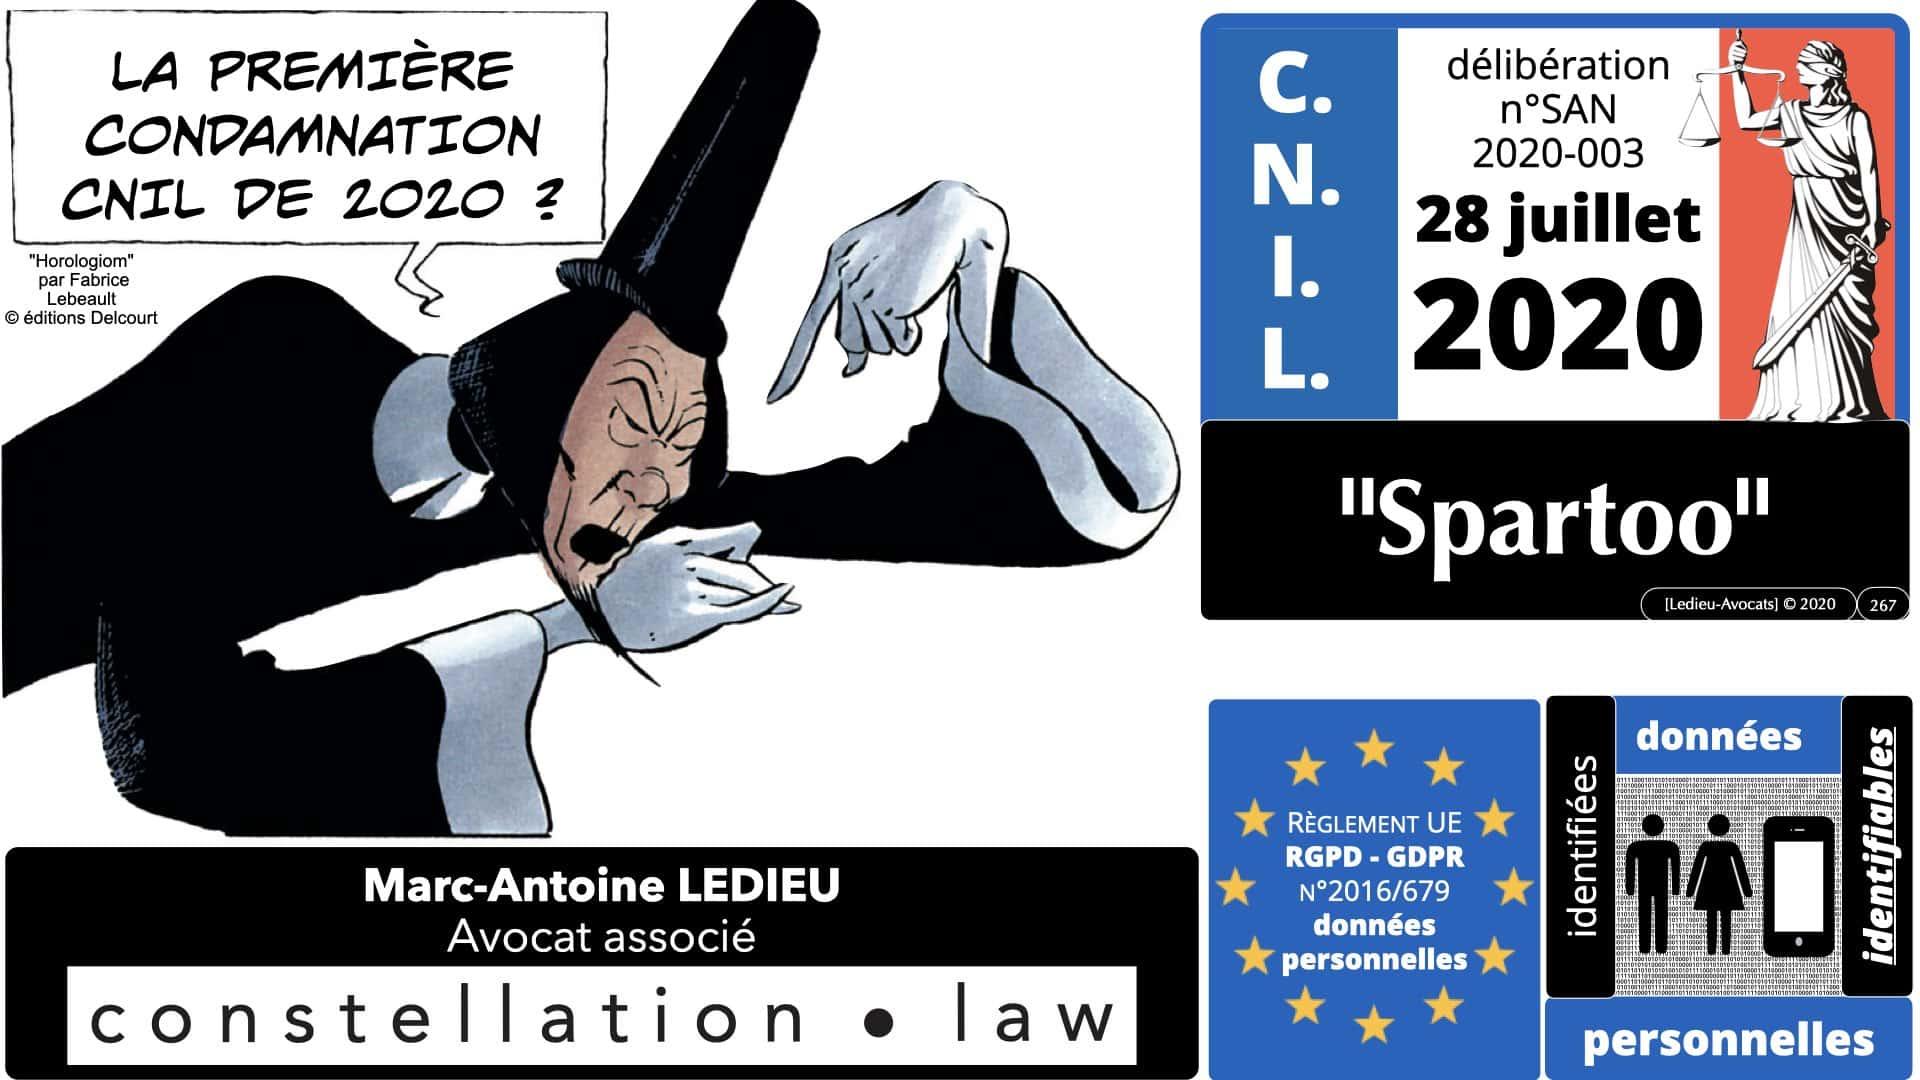 RGPD e-Privacy données personnelles jurisprudence formation Lamy Les Echos 10-02-2021 ©Ledieu-Avocats.267